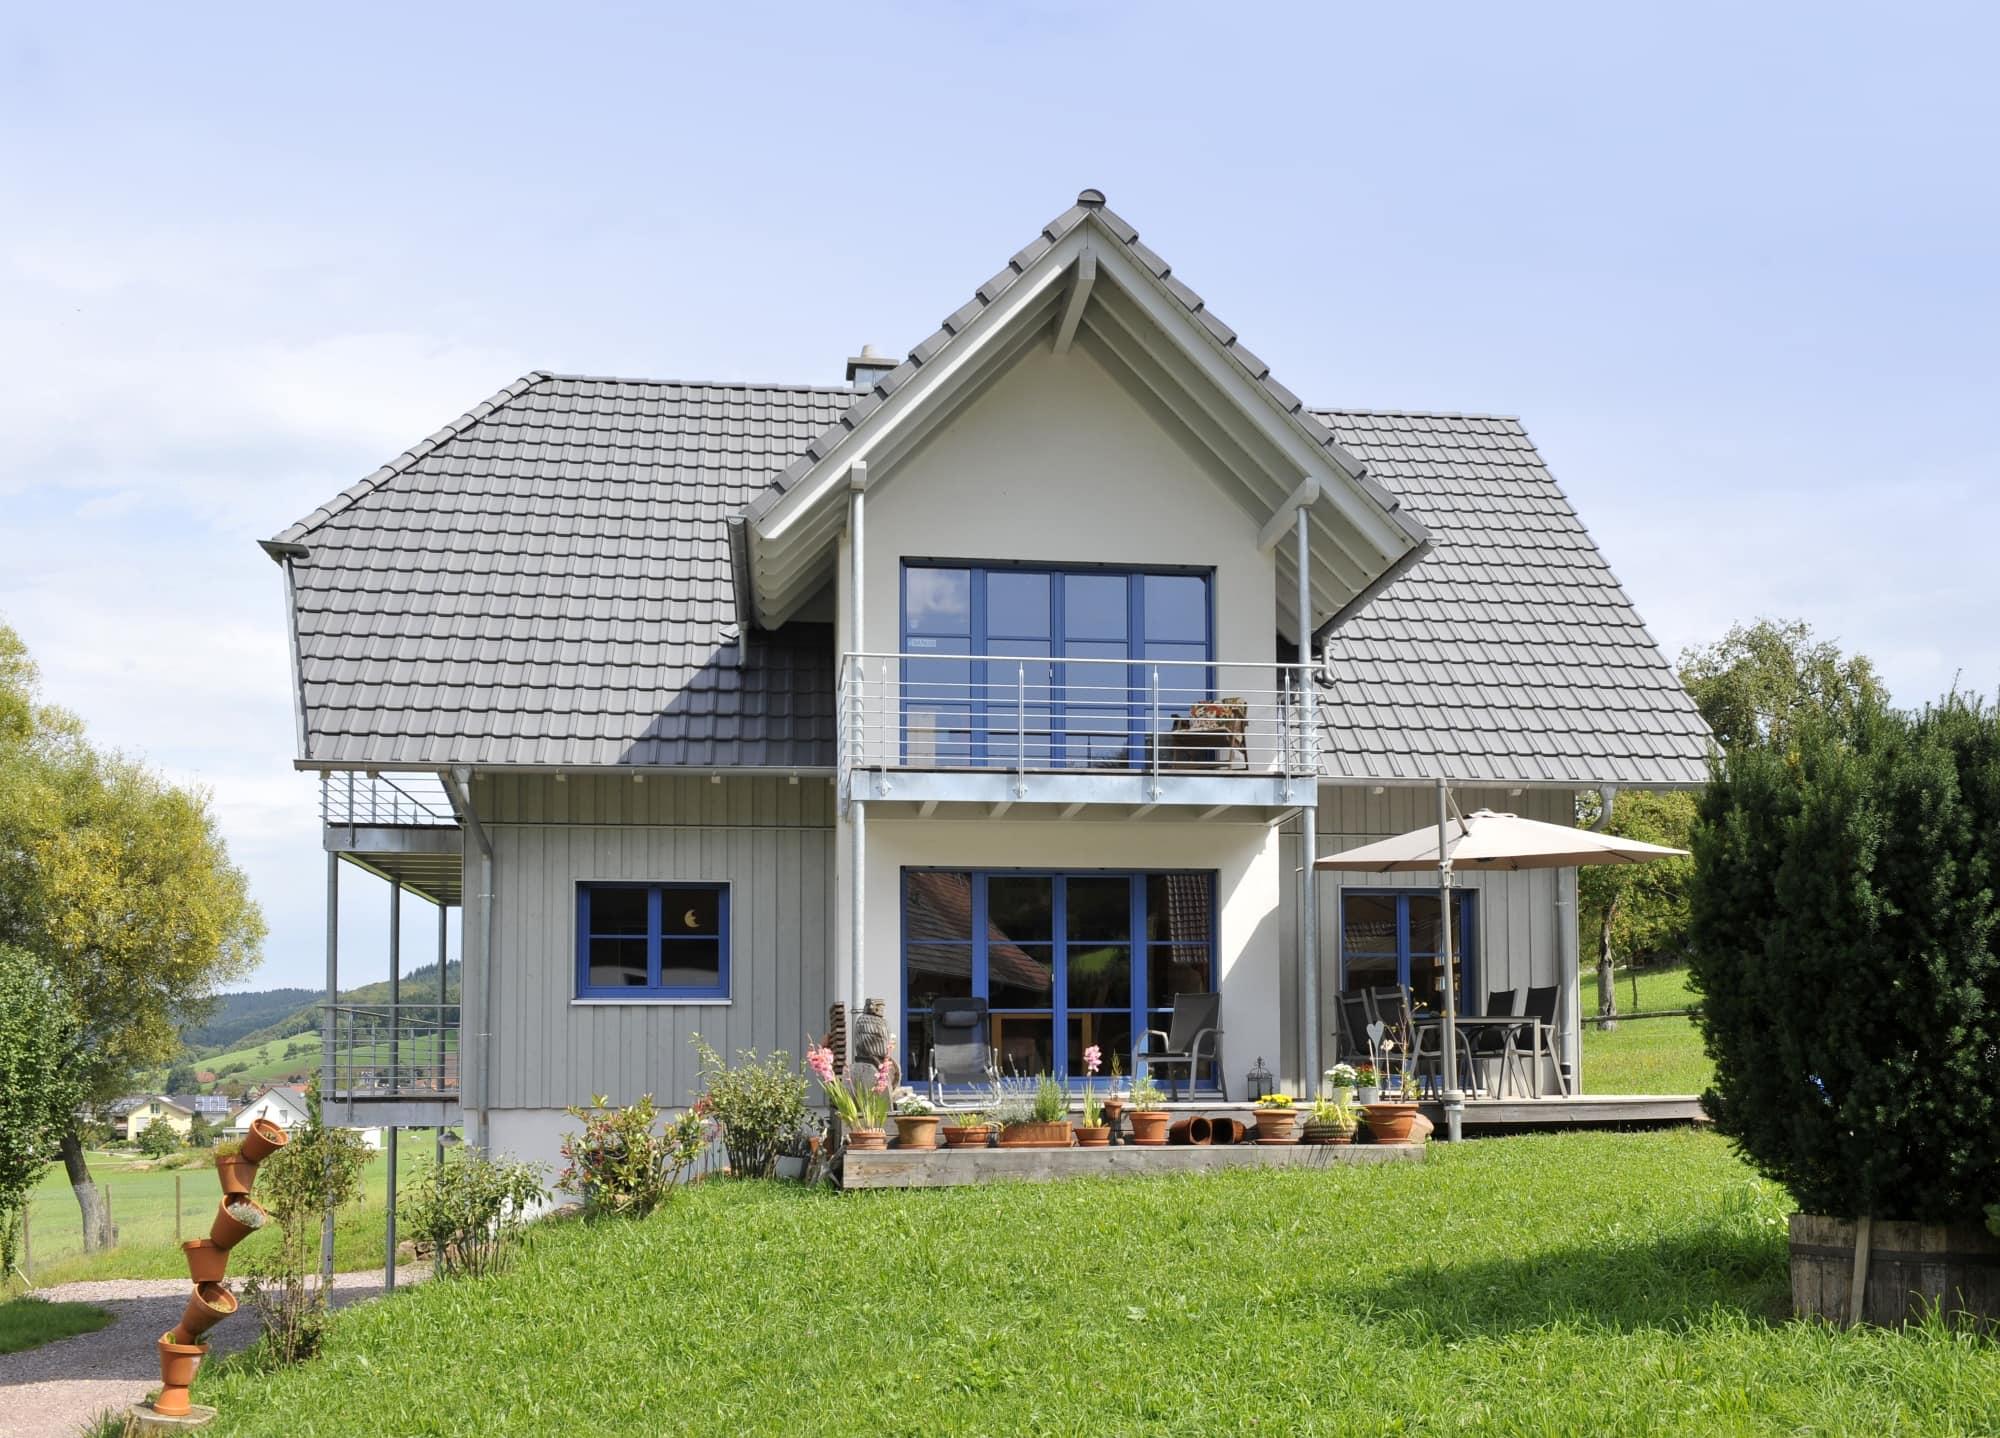 Einfamilienhaus am Hang - Holzhaus im Landhaus Stil - Frammelsberger Haus - Mehr Haus Ideen und Grundrisse auf HausbauDirekt.de